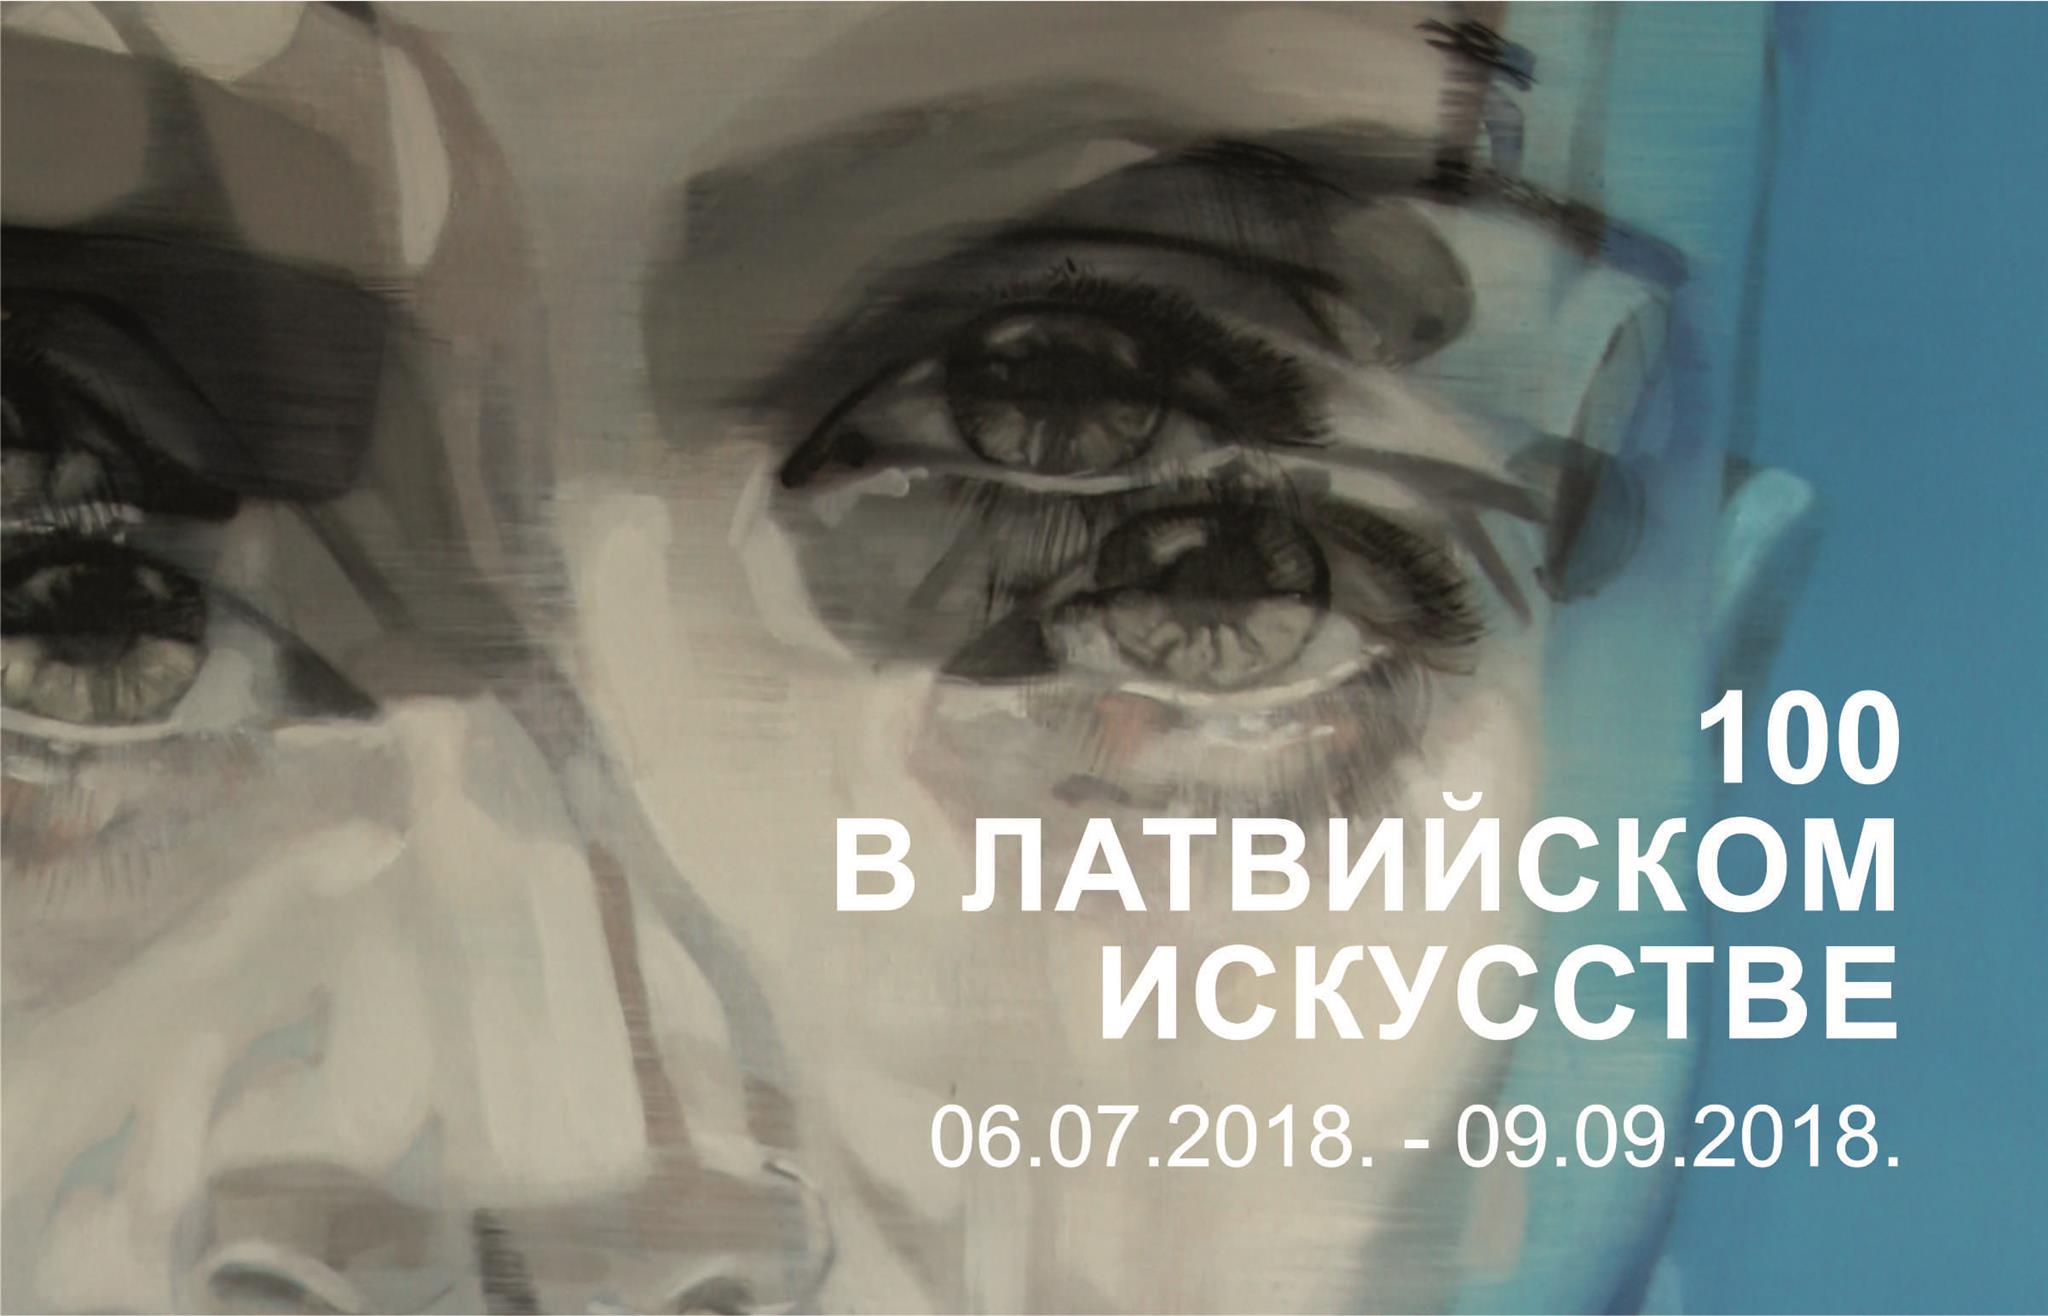 100 в Латвийском искусстве